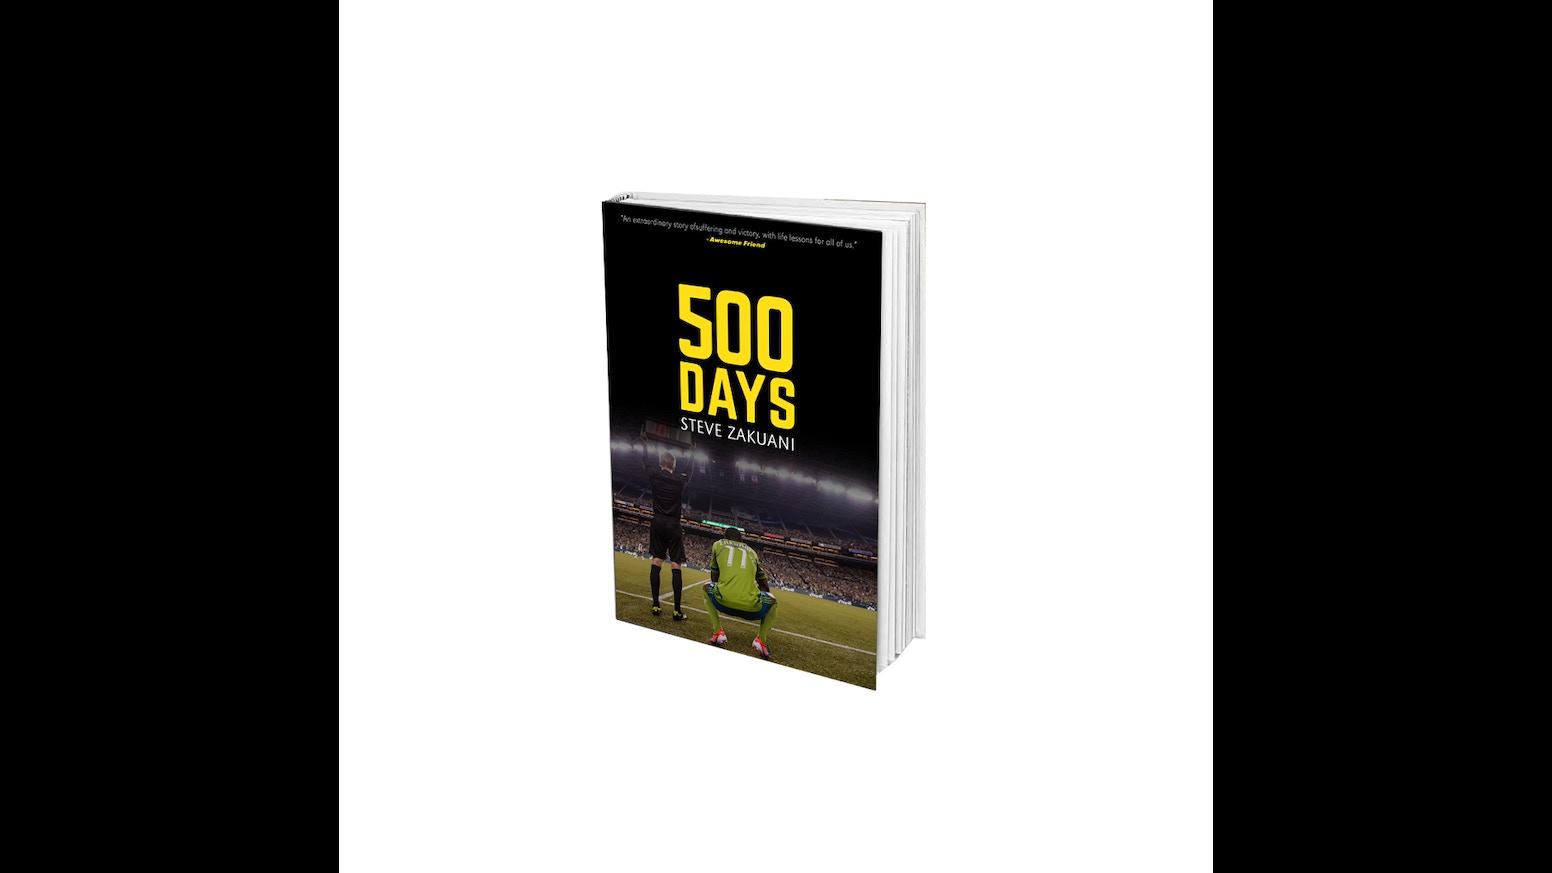 500 Days  Steve Zakuani